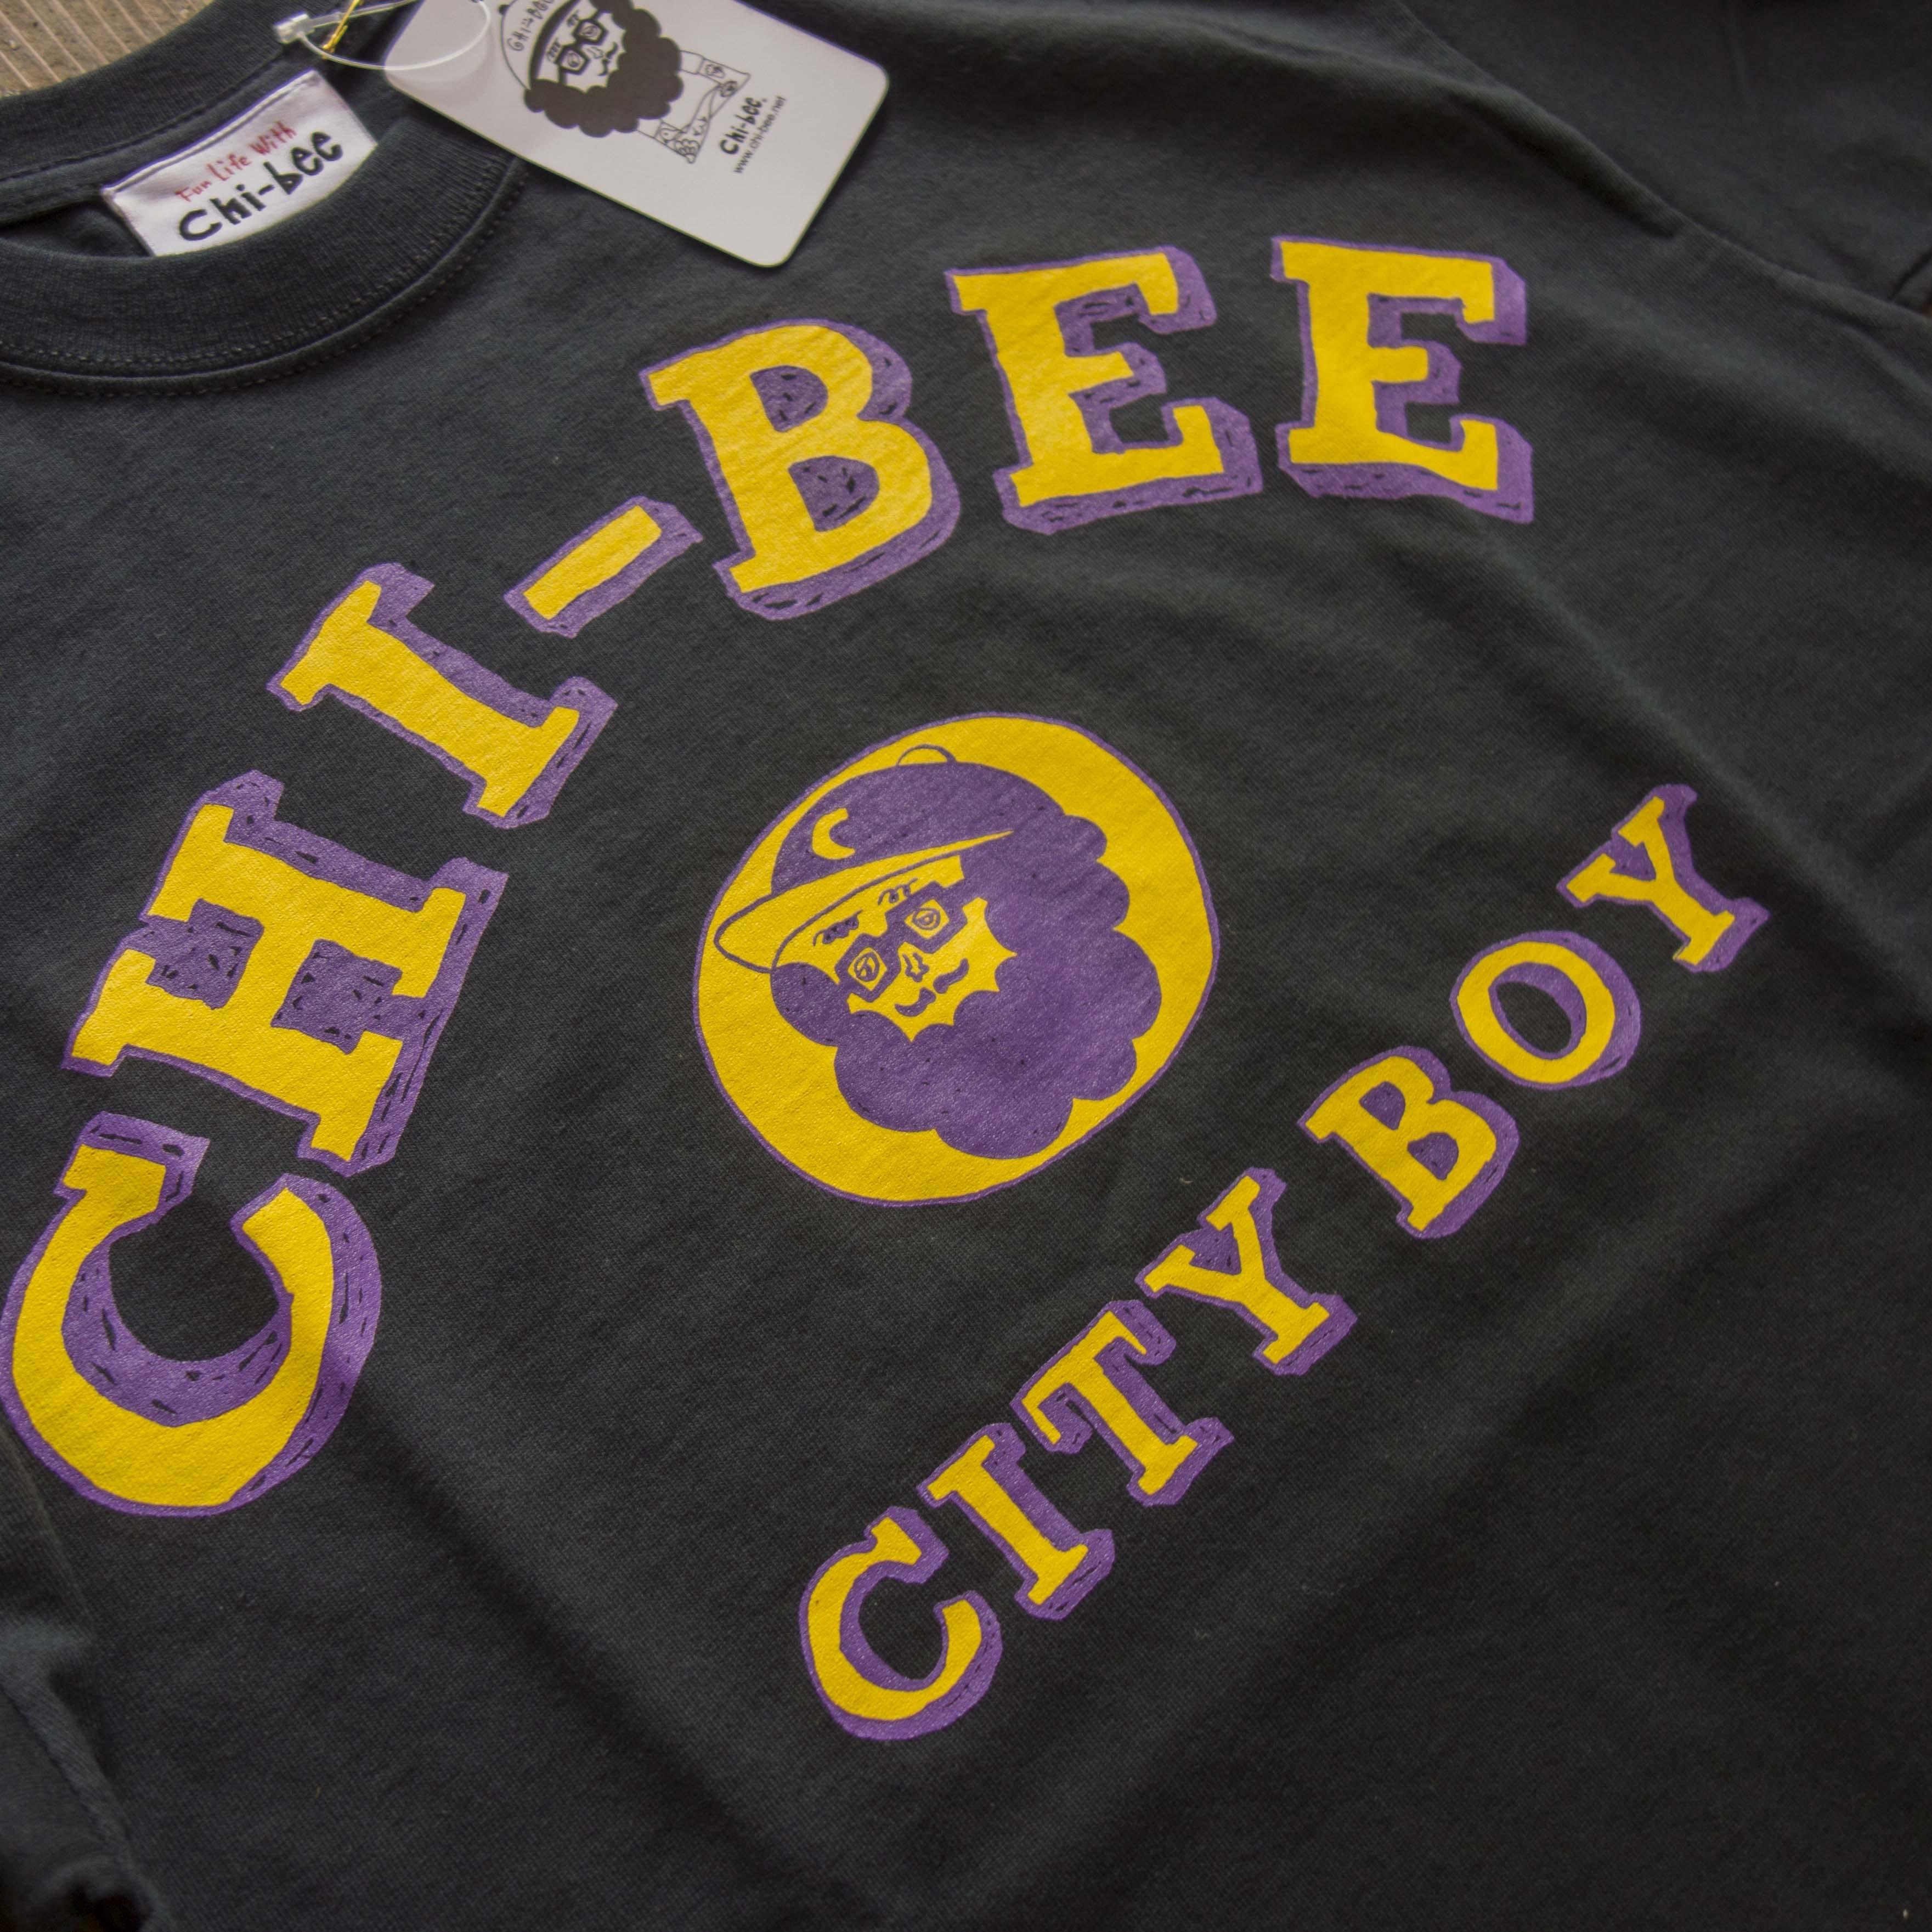 新入荷 Chi-bee College Short Sleeve Blk